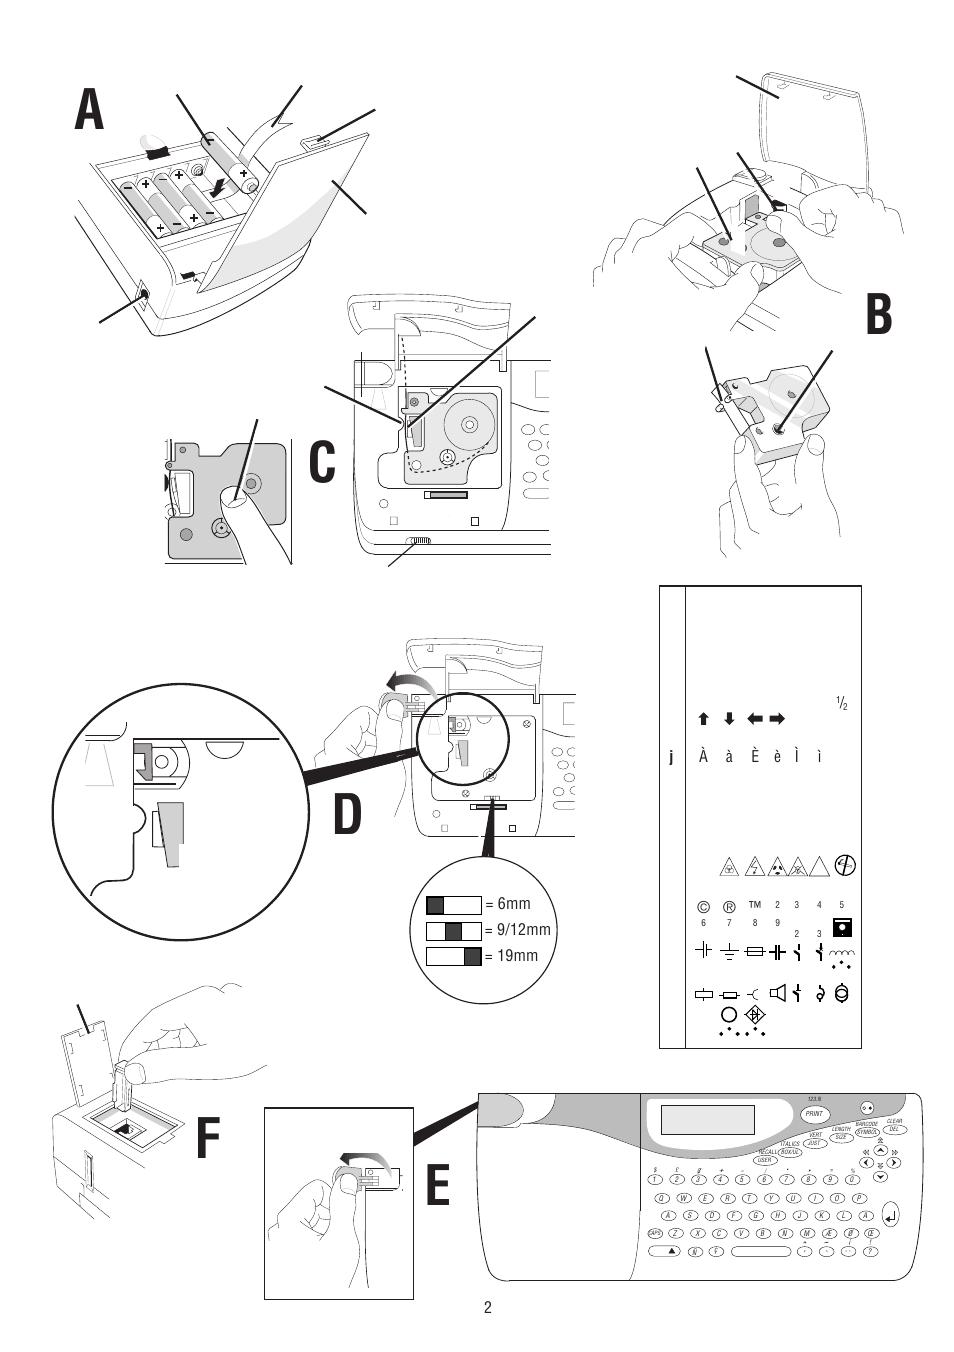 jd 111 wiring diagram